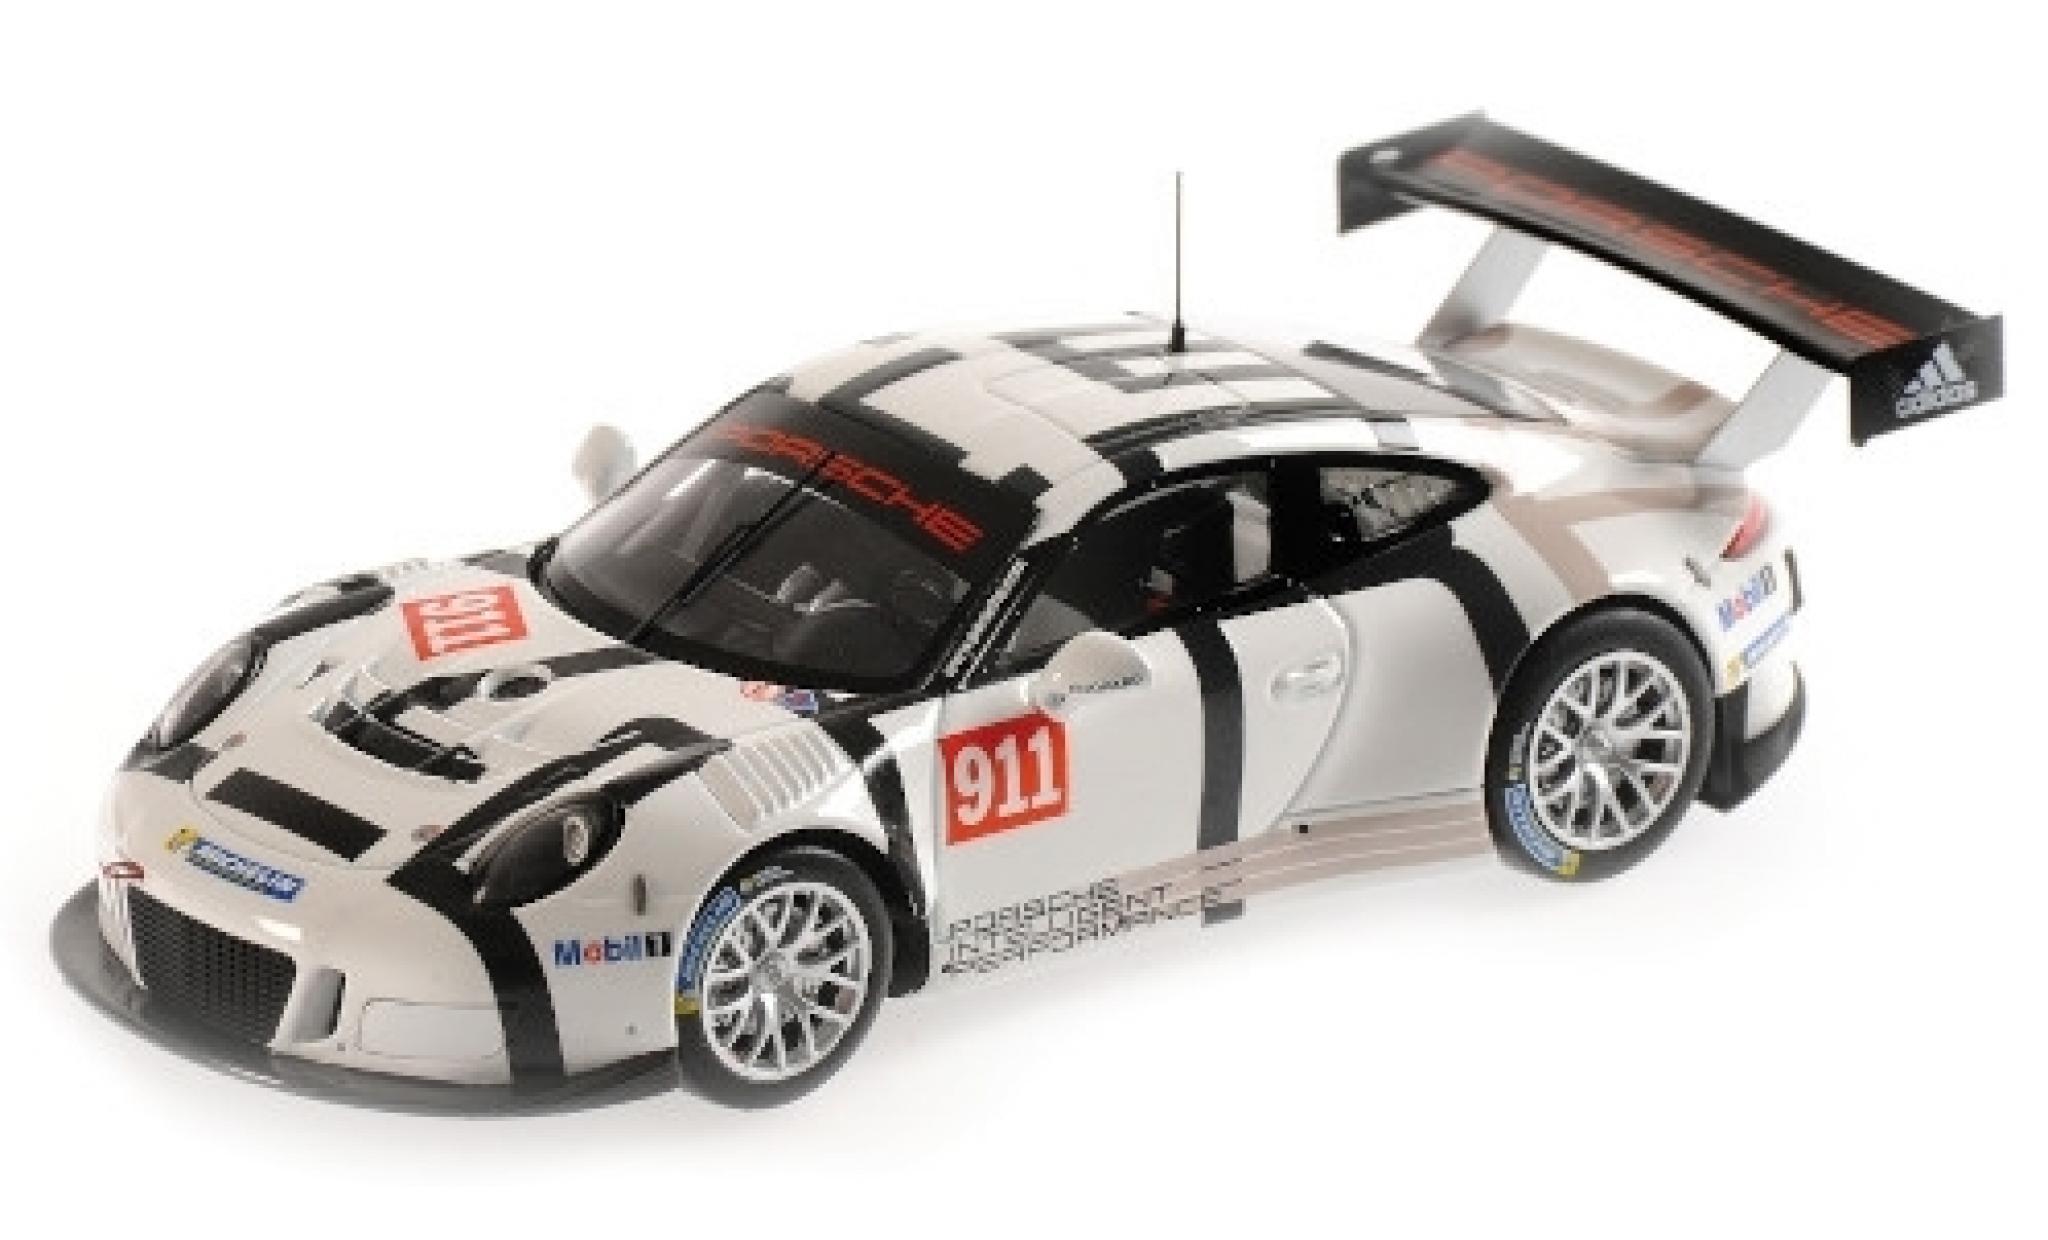 Porsche 991 GT3 R 1/43 Minichamps 911  No.911 2015 véhicule de présentation